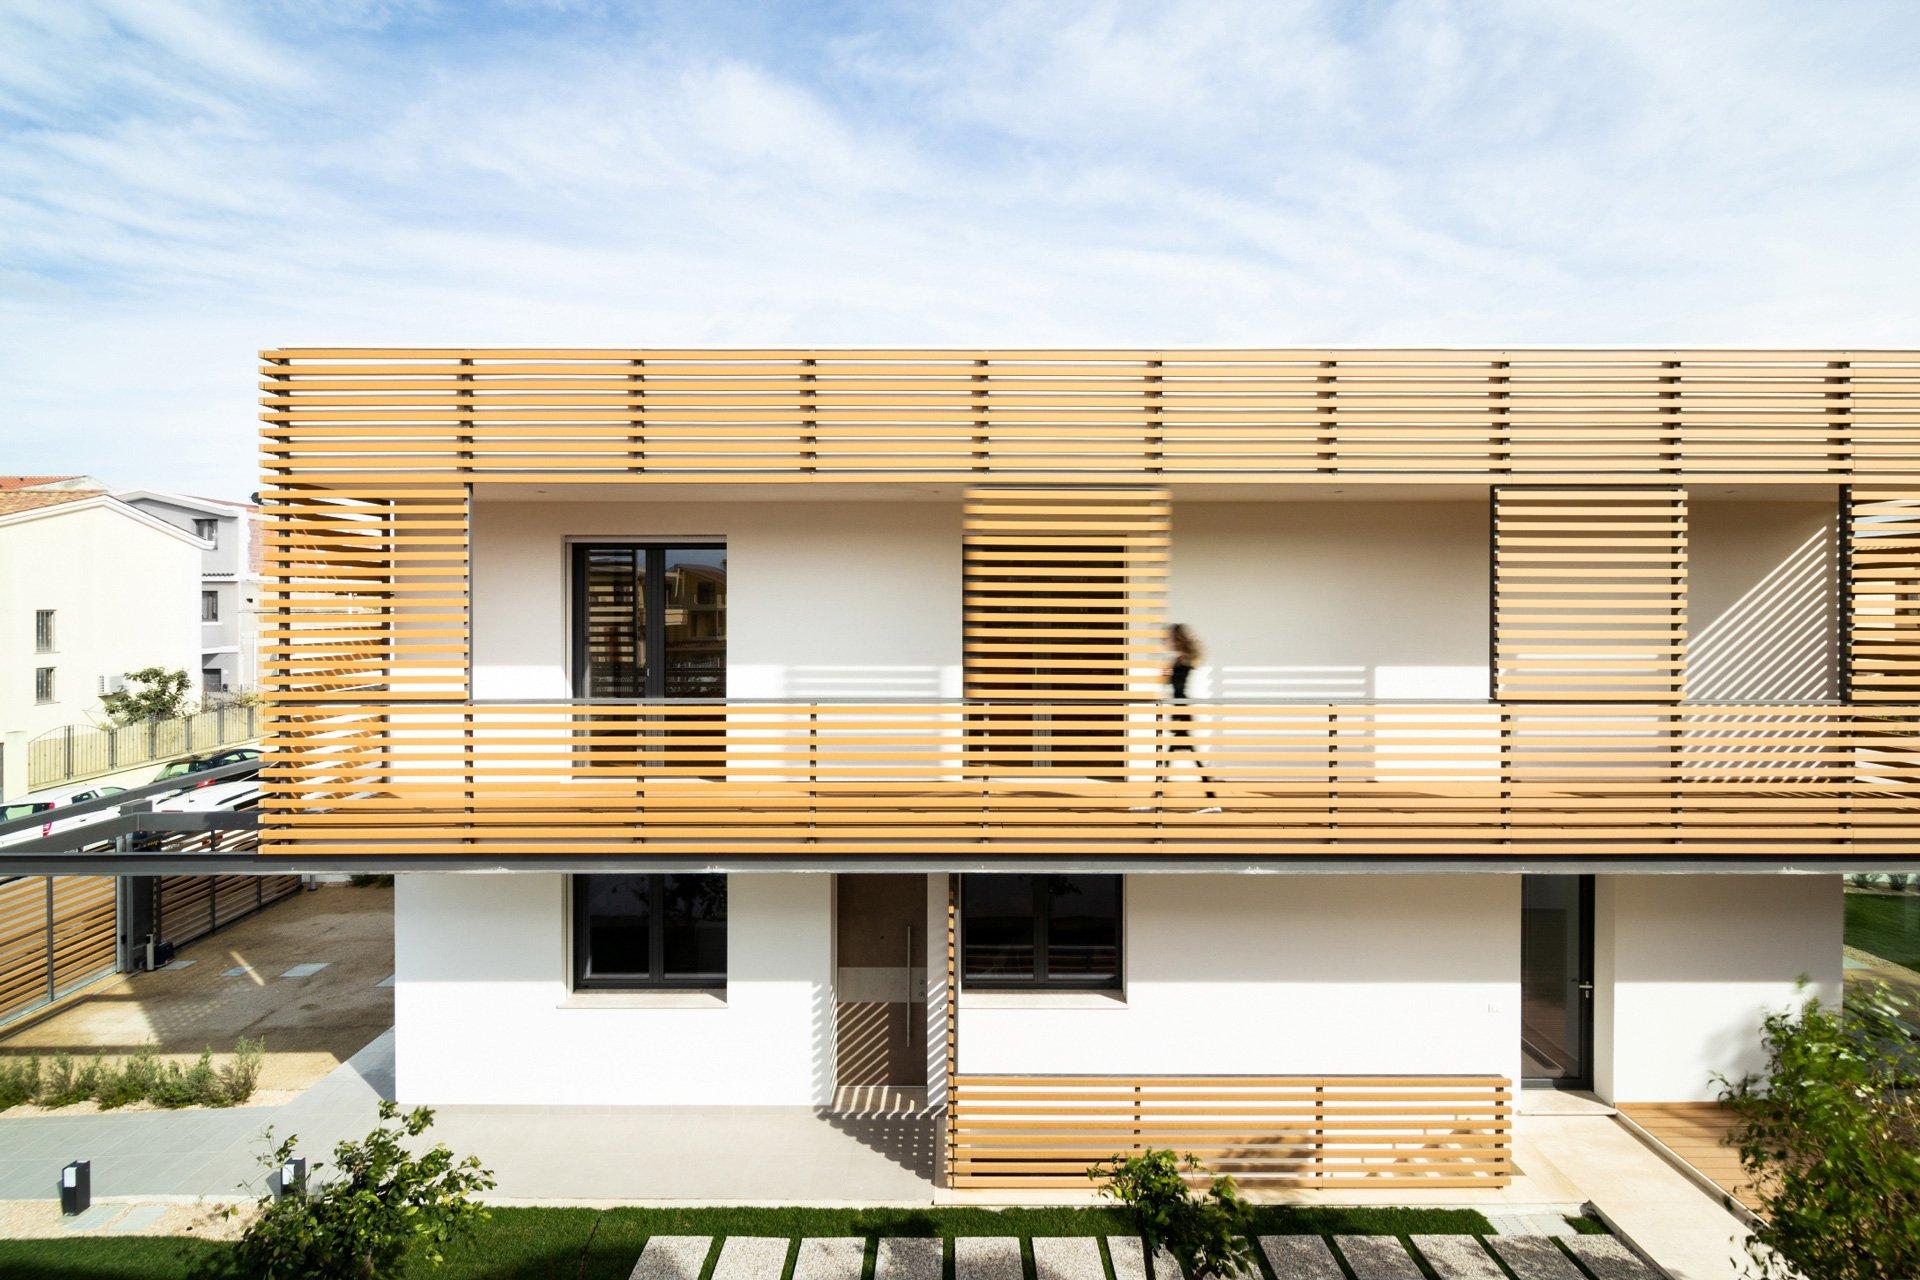 House2+, spazi flessibili per vivere l'ambiente esterno con privacy